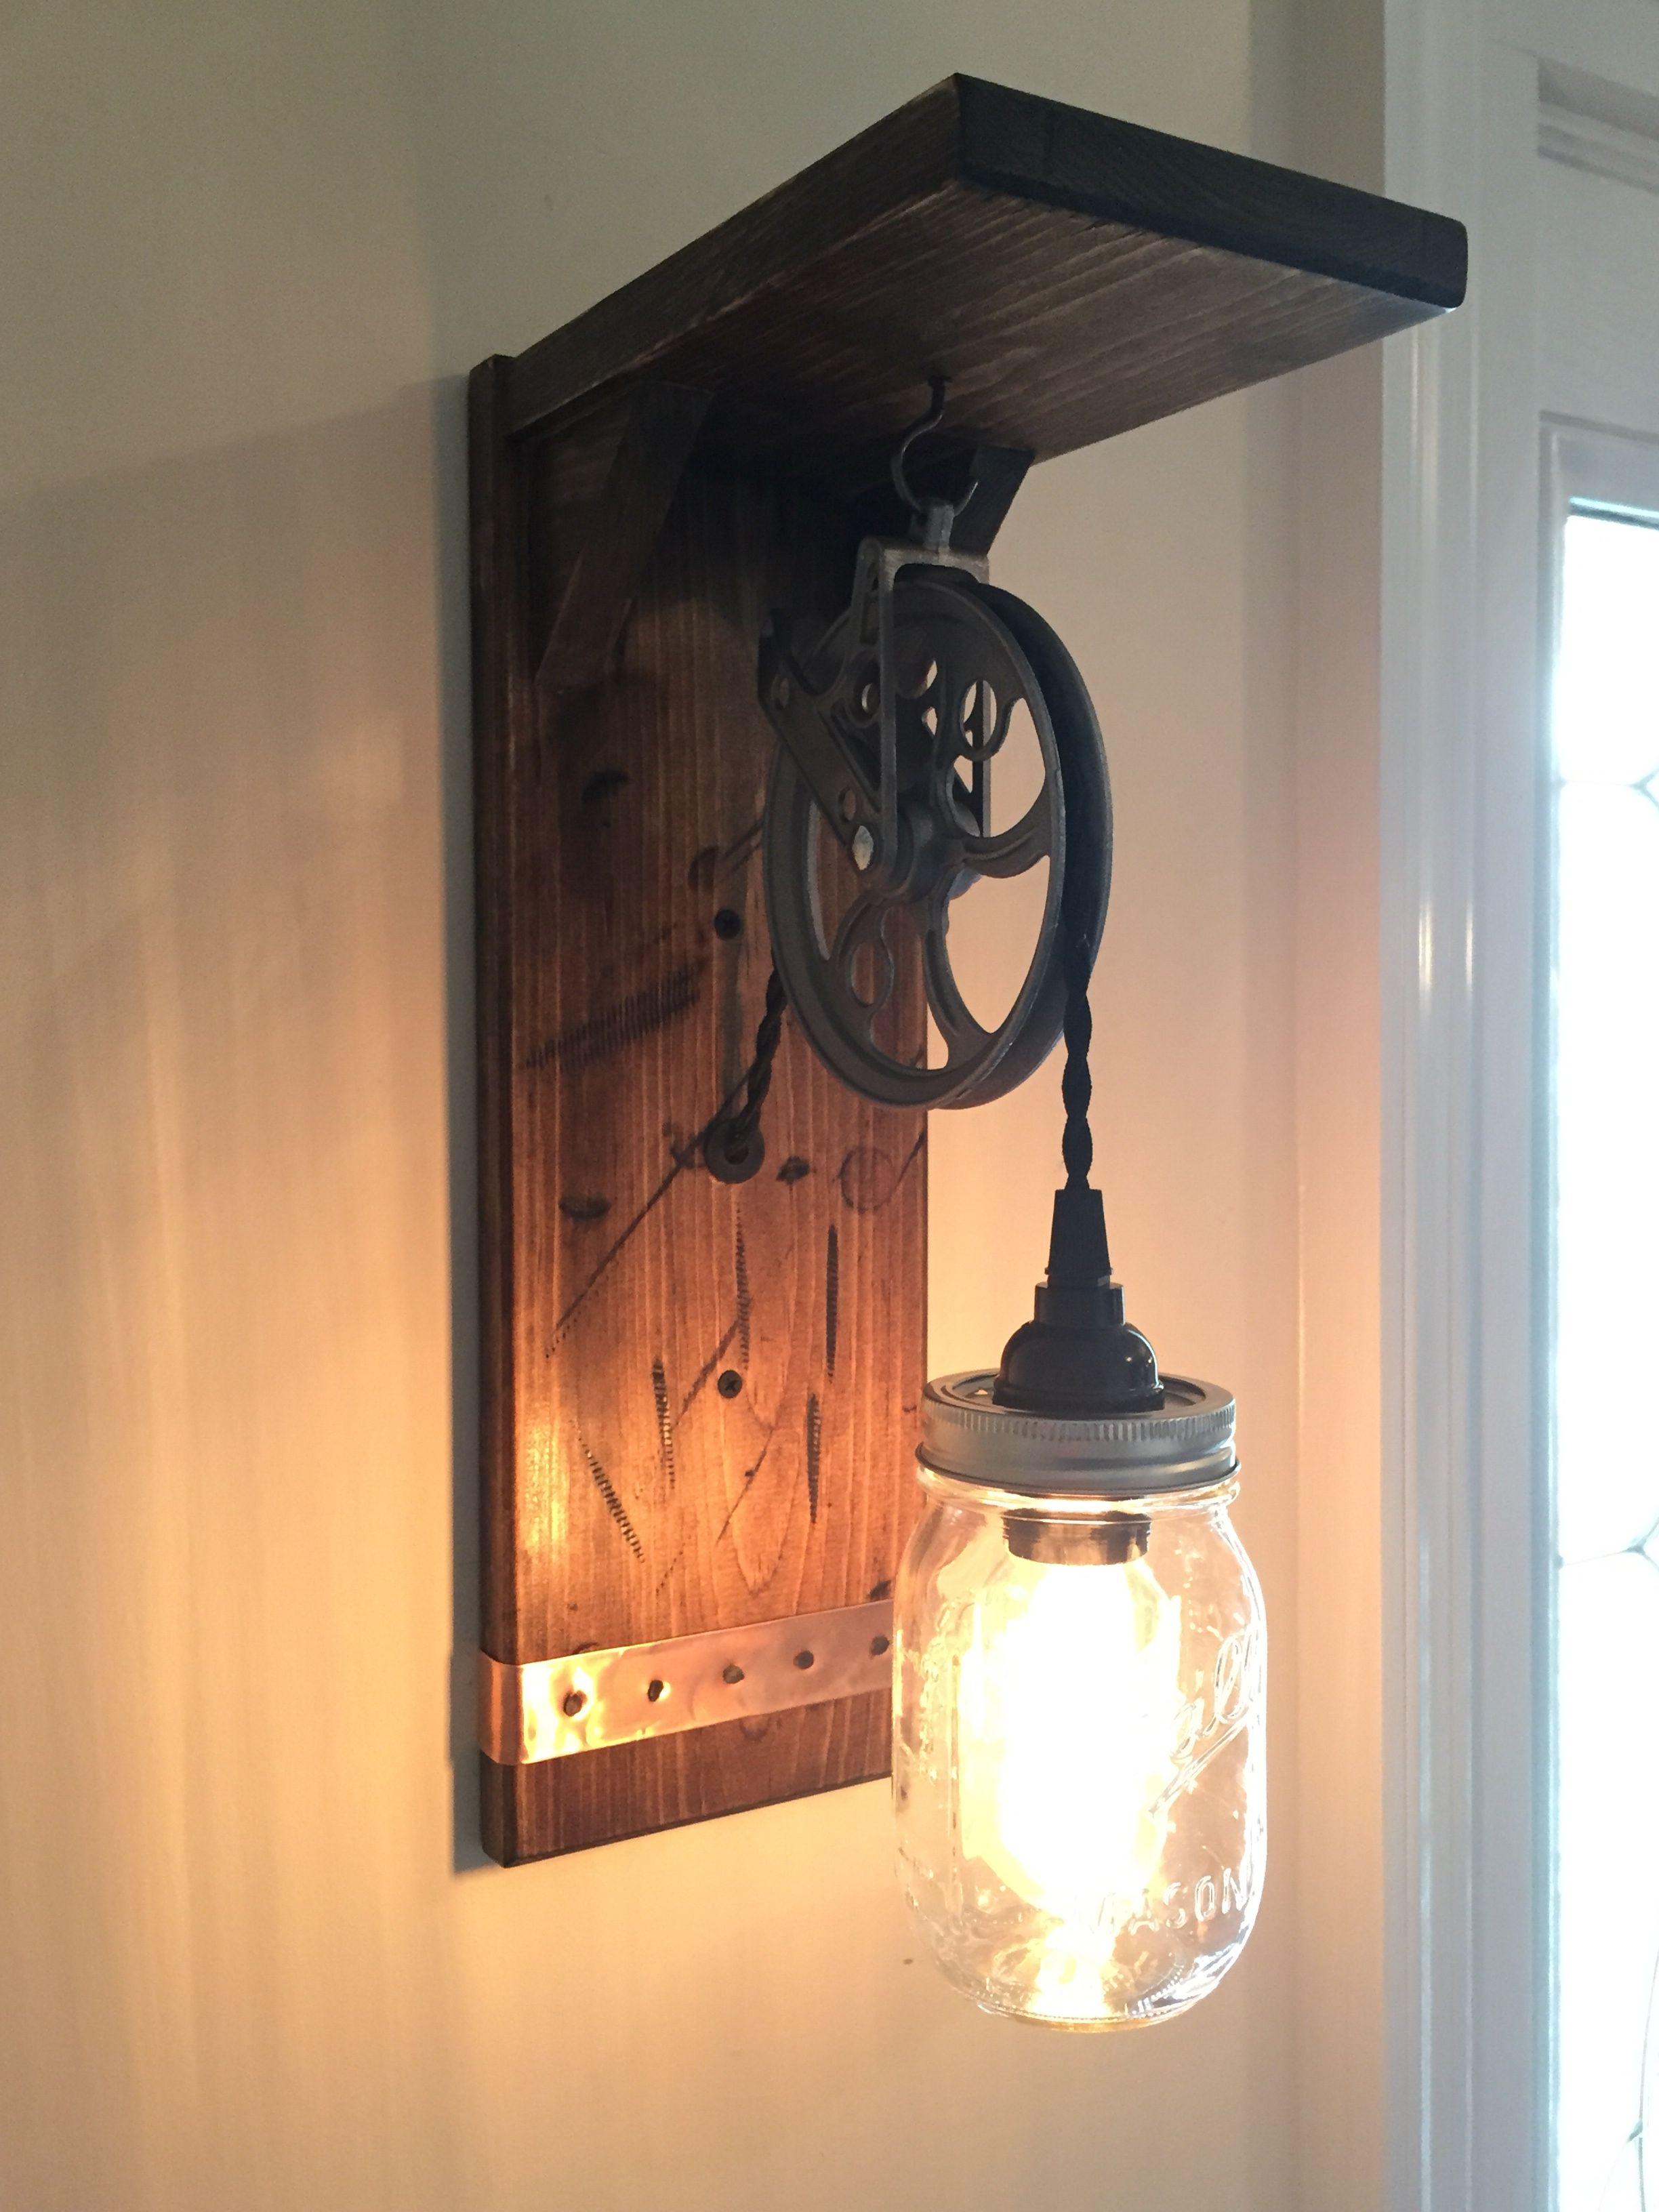 Rustic Steampunk Wall Light With Barn Wood Mason Jar Pulley Etsy In 2020 Mason Jar Lighting Rustic Lighting Rustic Mason Jars